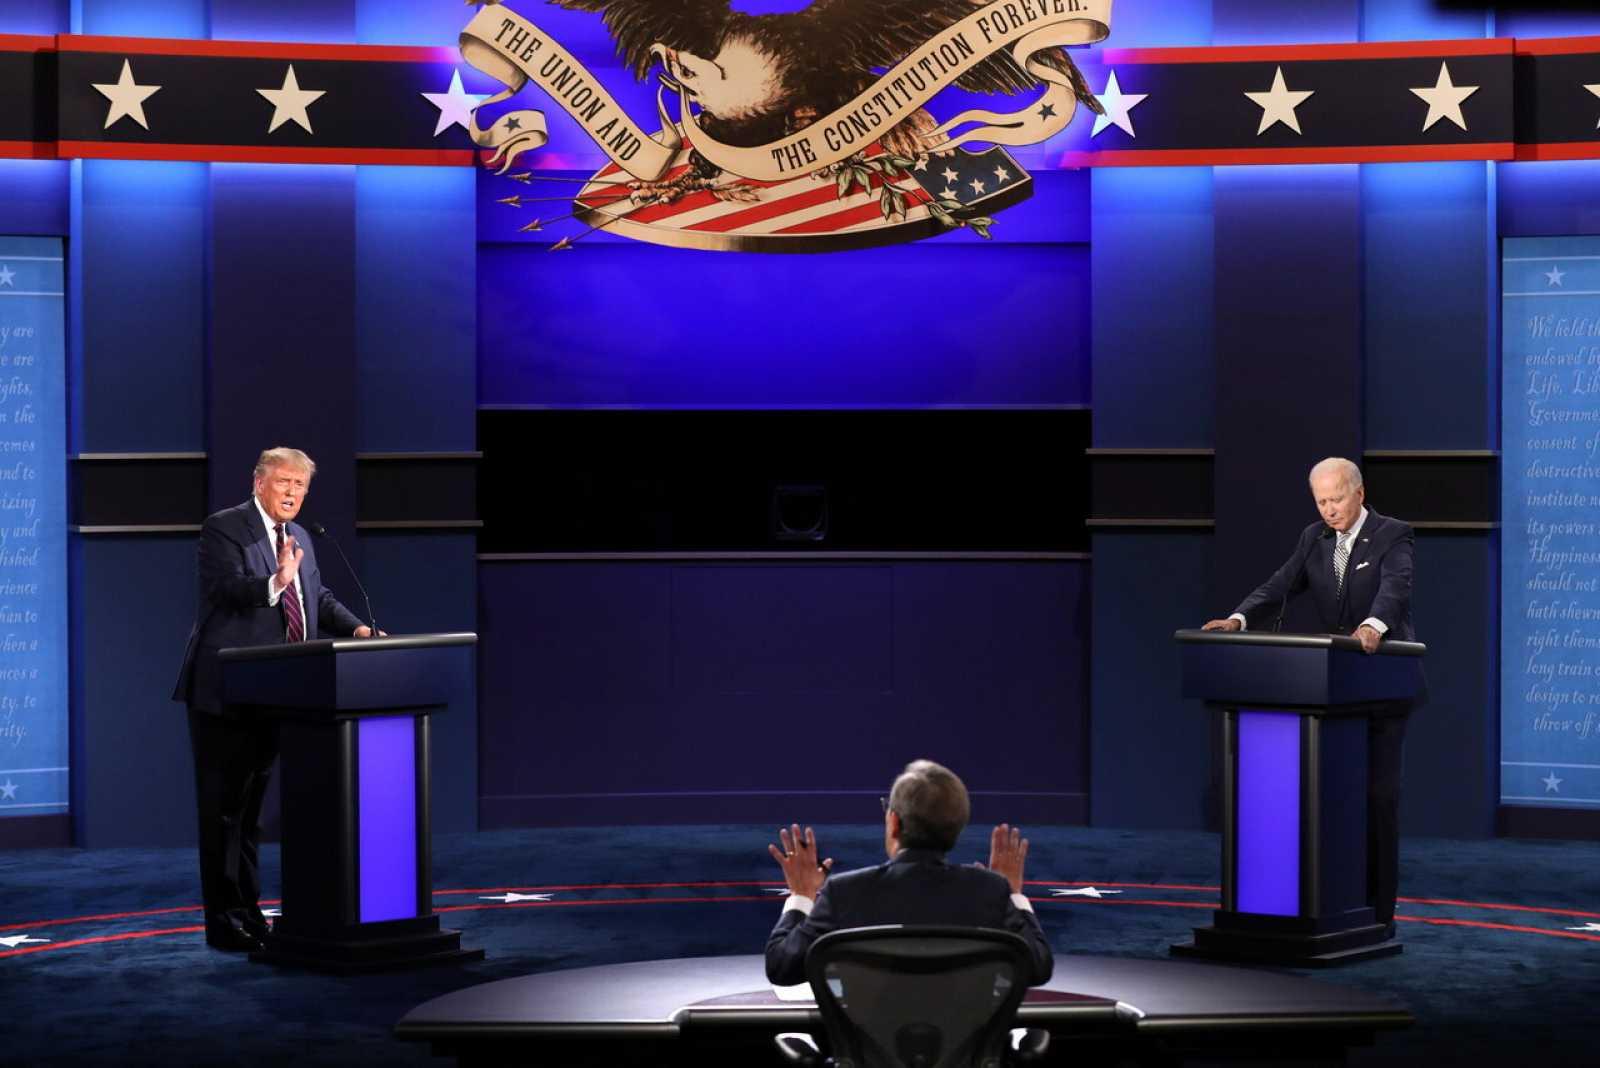 Cambiarán formato de debate Trump-Biden tras el caos del primer cara a cara